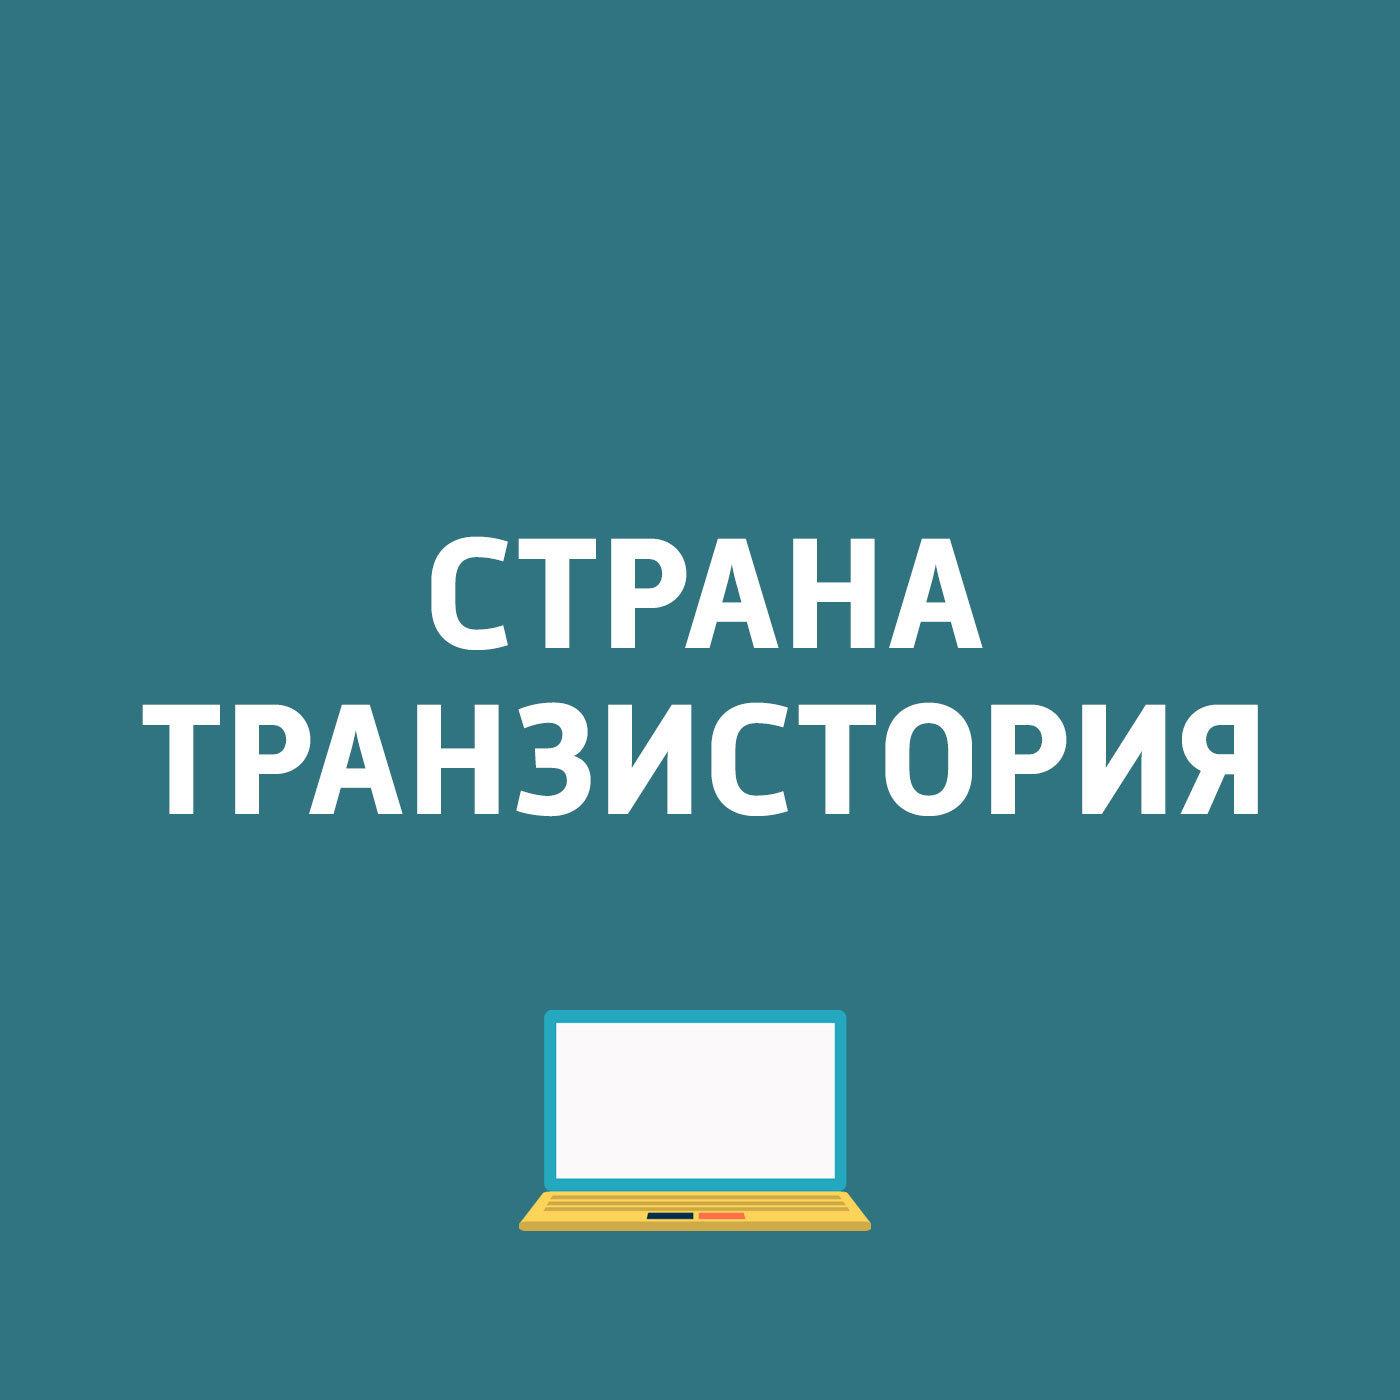 Картаев Павел Samsung, ИИ и Го стилус other apple ipad samsung galaxy s3 i9300 21 eg0628